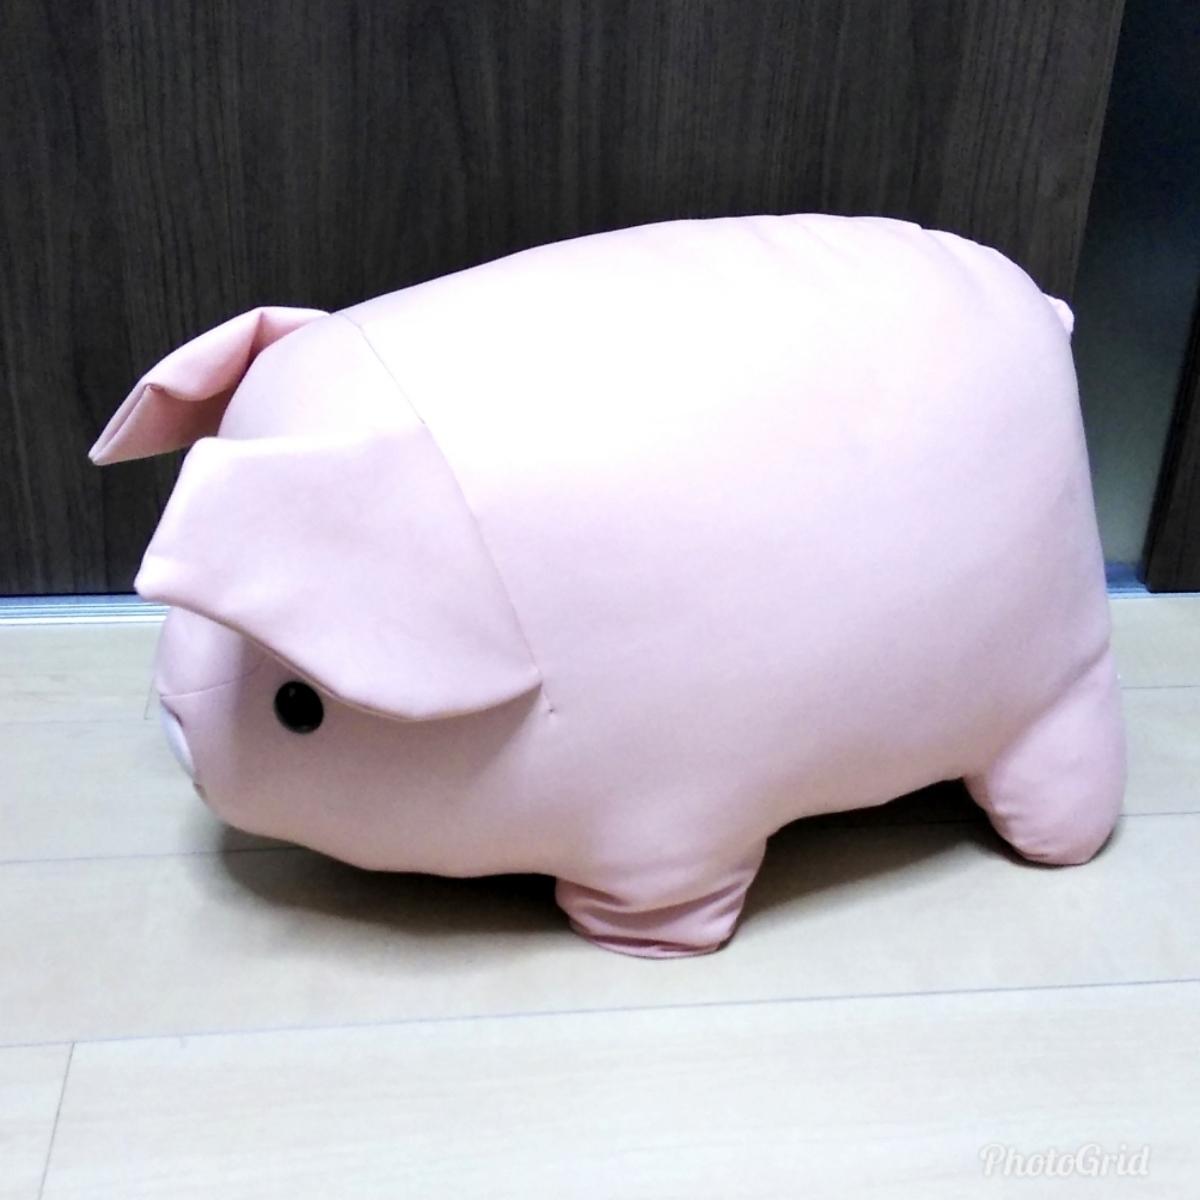 Francfranc ブタ ぬいぐるみ ビッグサイズ レザー調 フランフラン ジャンボ ピッグ 豚 人形_画像2